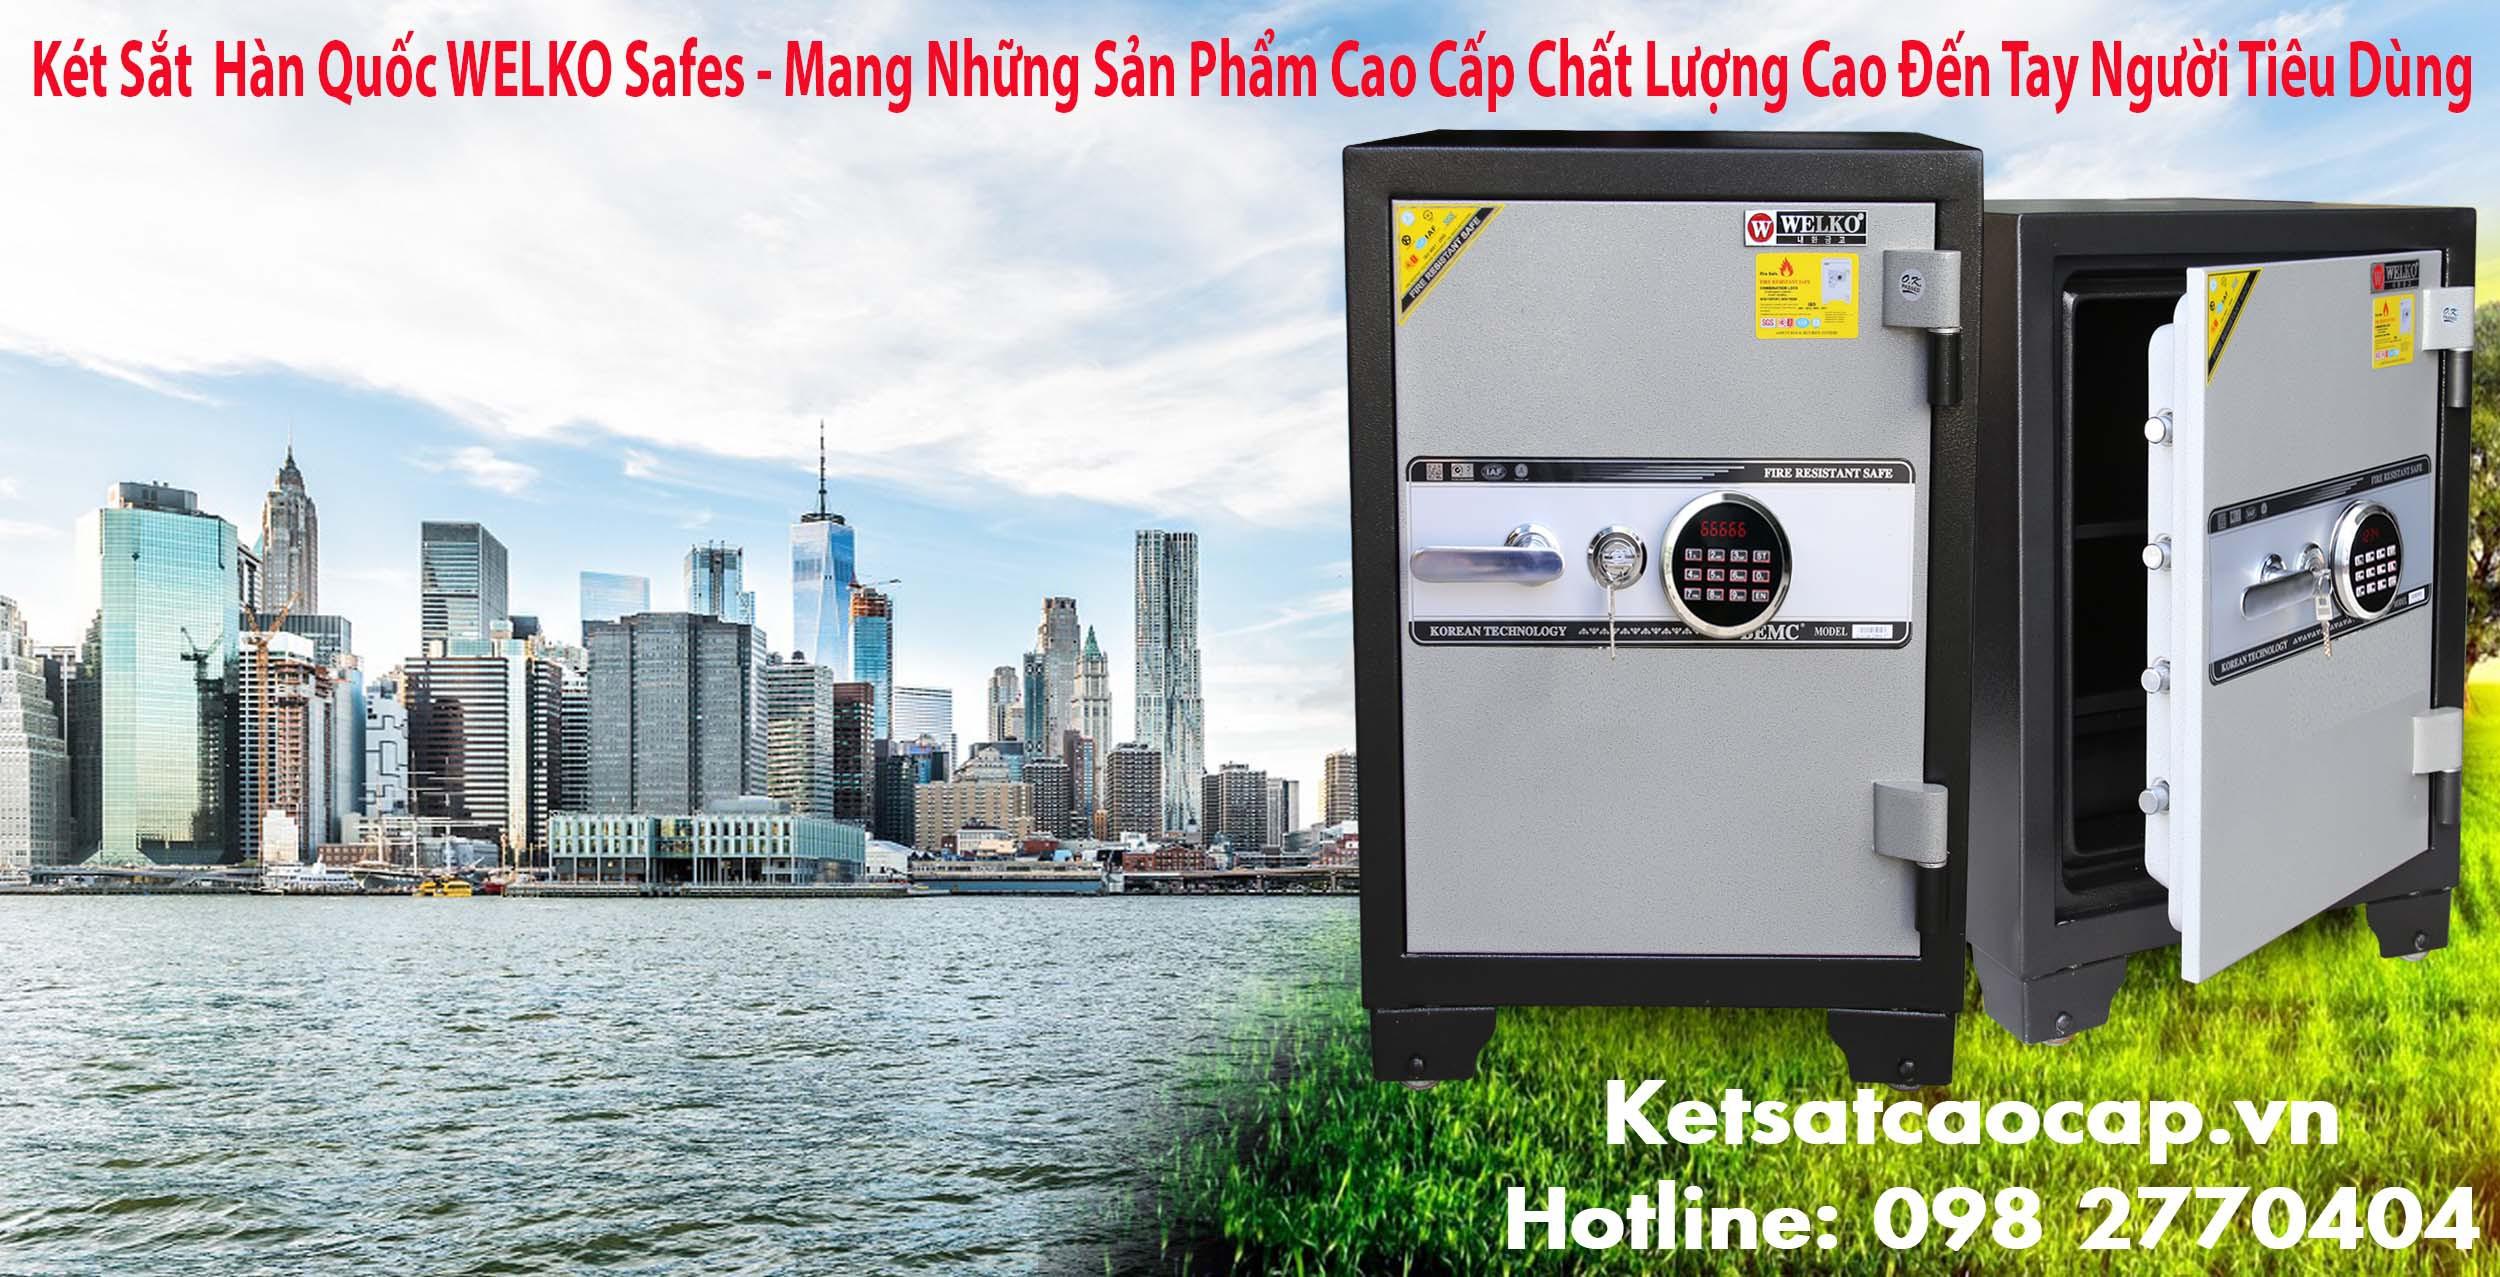 hình ảnh sản phẩm két sắt chống cháy welko safe KCC80ĐM